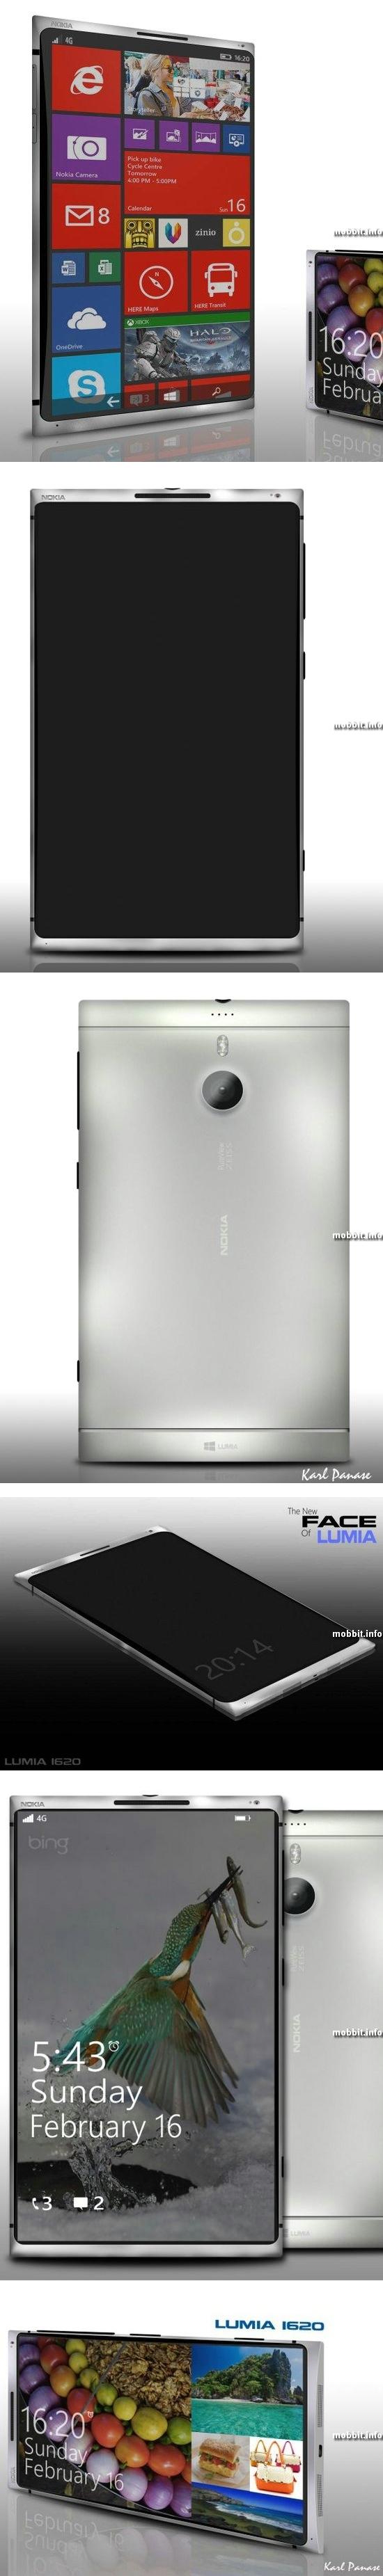 Nokia Lumia 1620